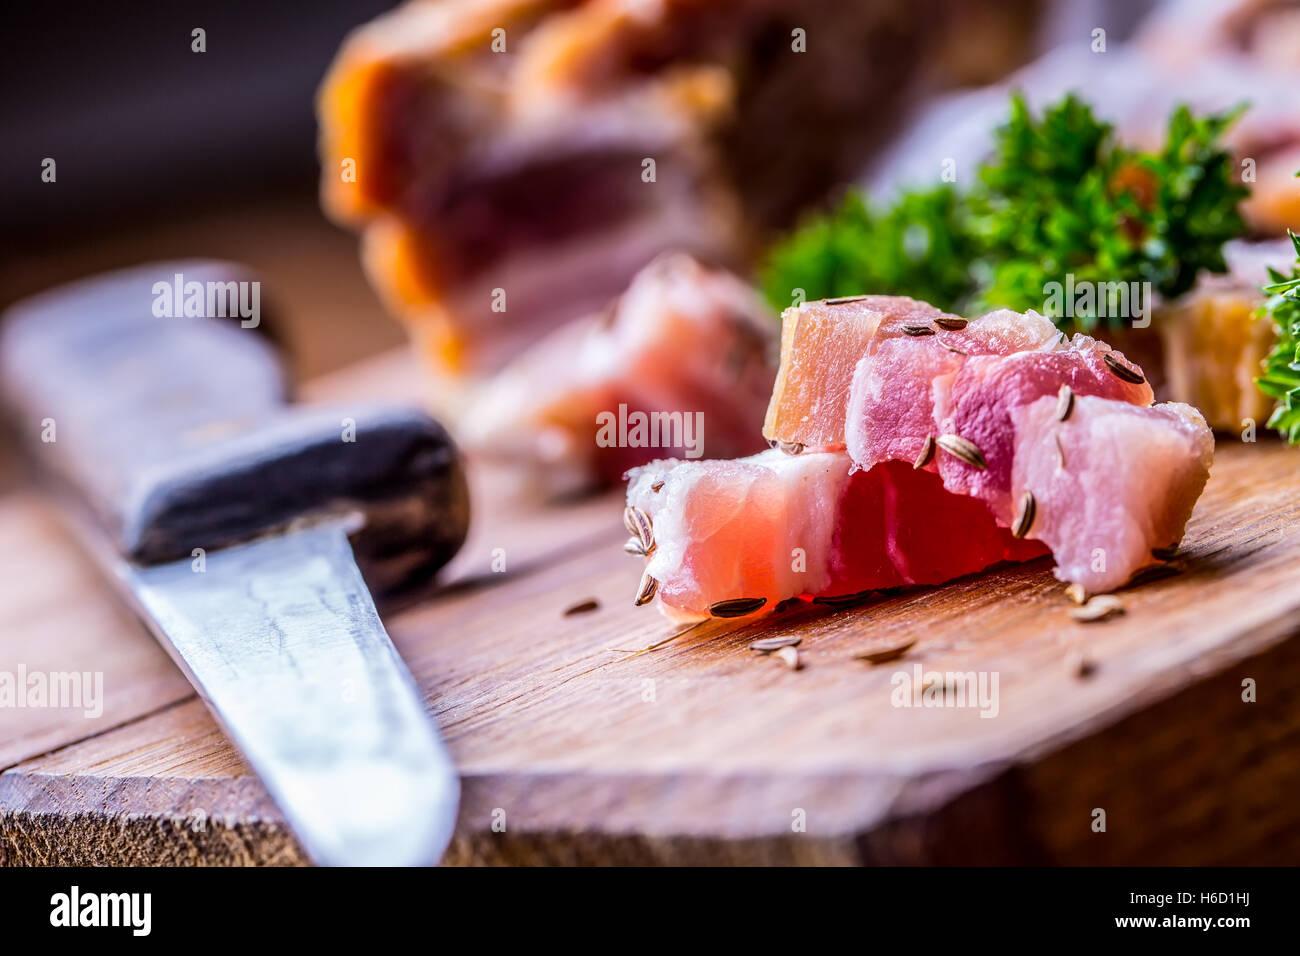 Roher geräucherter Speckscheiben auf Holzbrett mit Kümmel und Kräuter. Stockbild